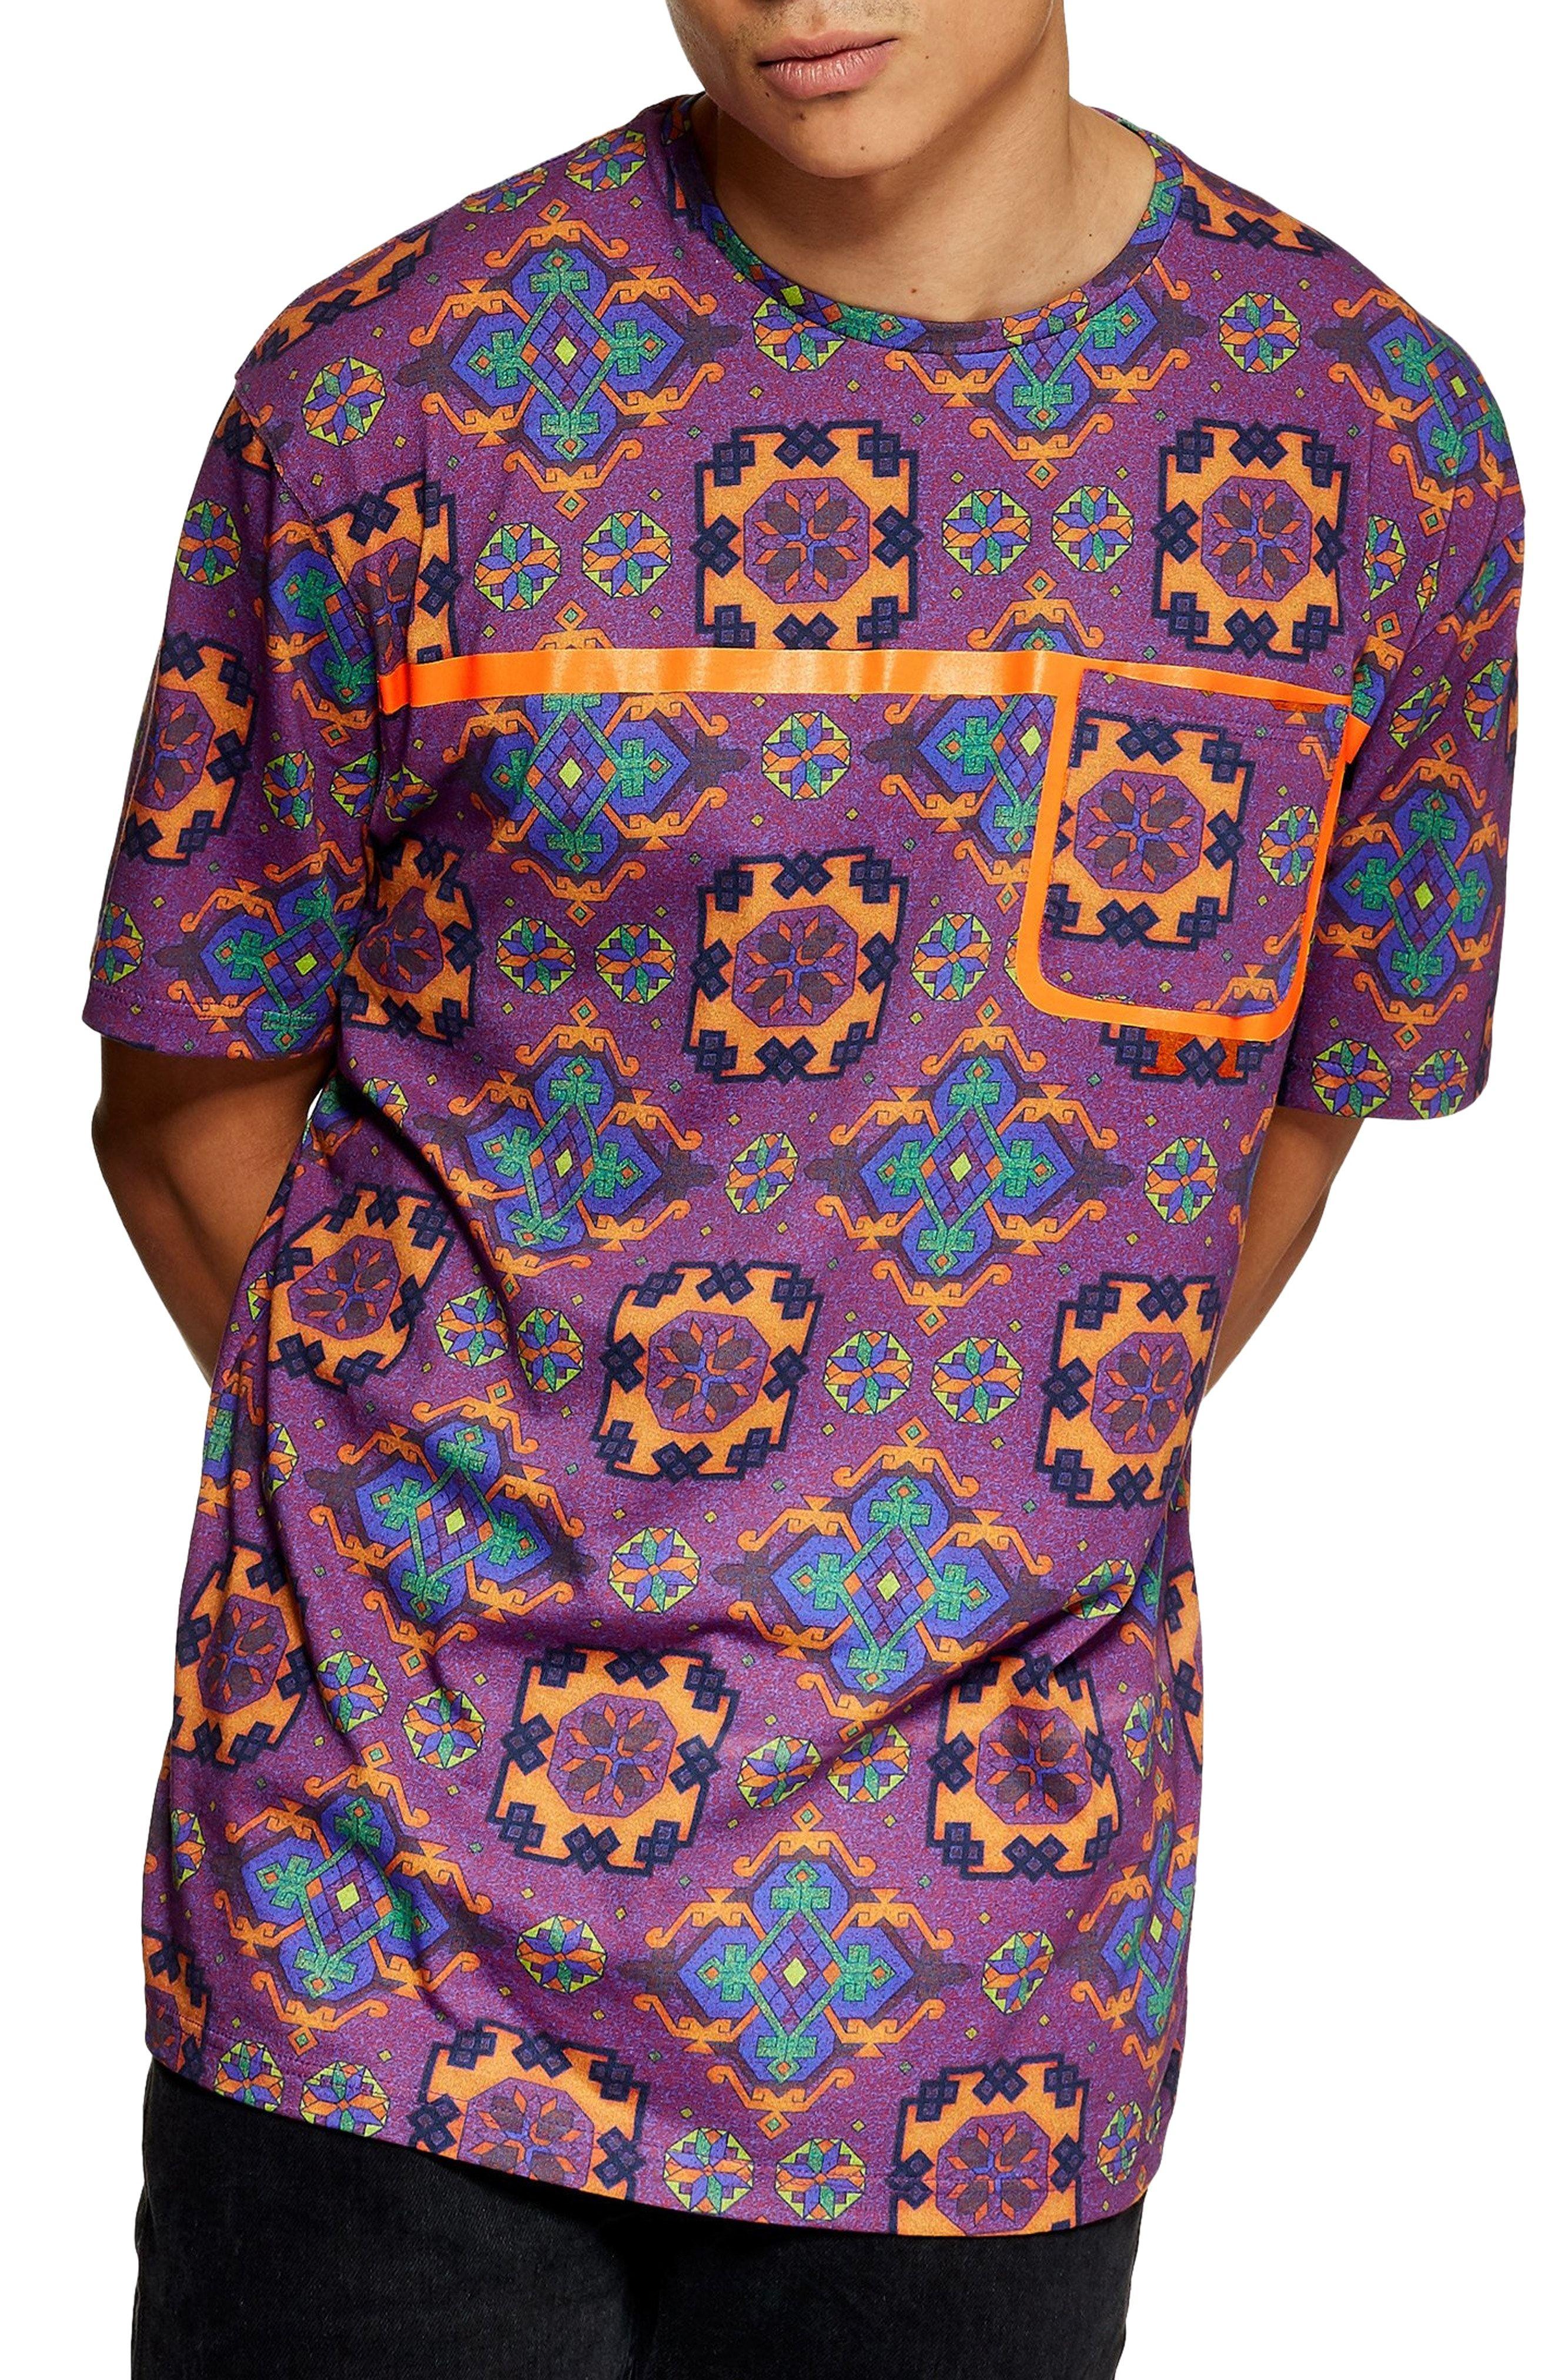 72c4a2946b2cb TOPMAN TAPESTRY PRINT POCKET T-SHIRT.  topman  cloth